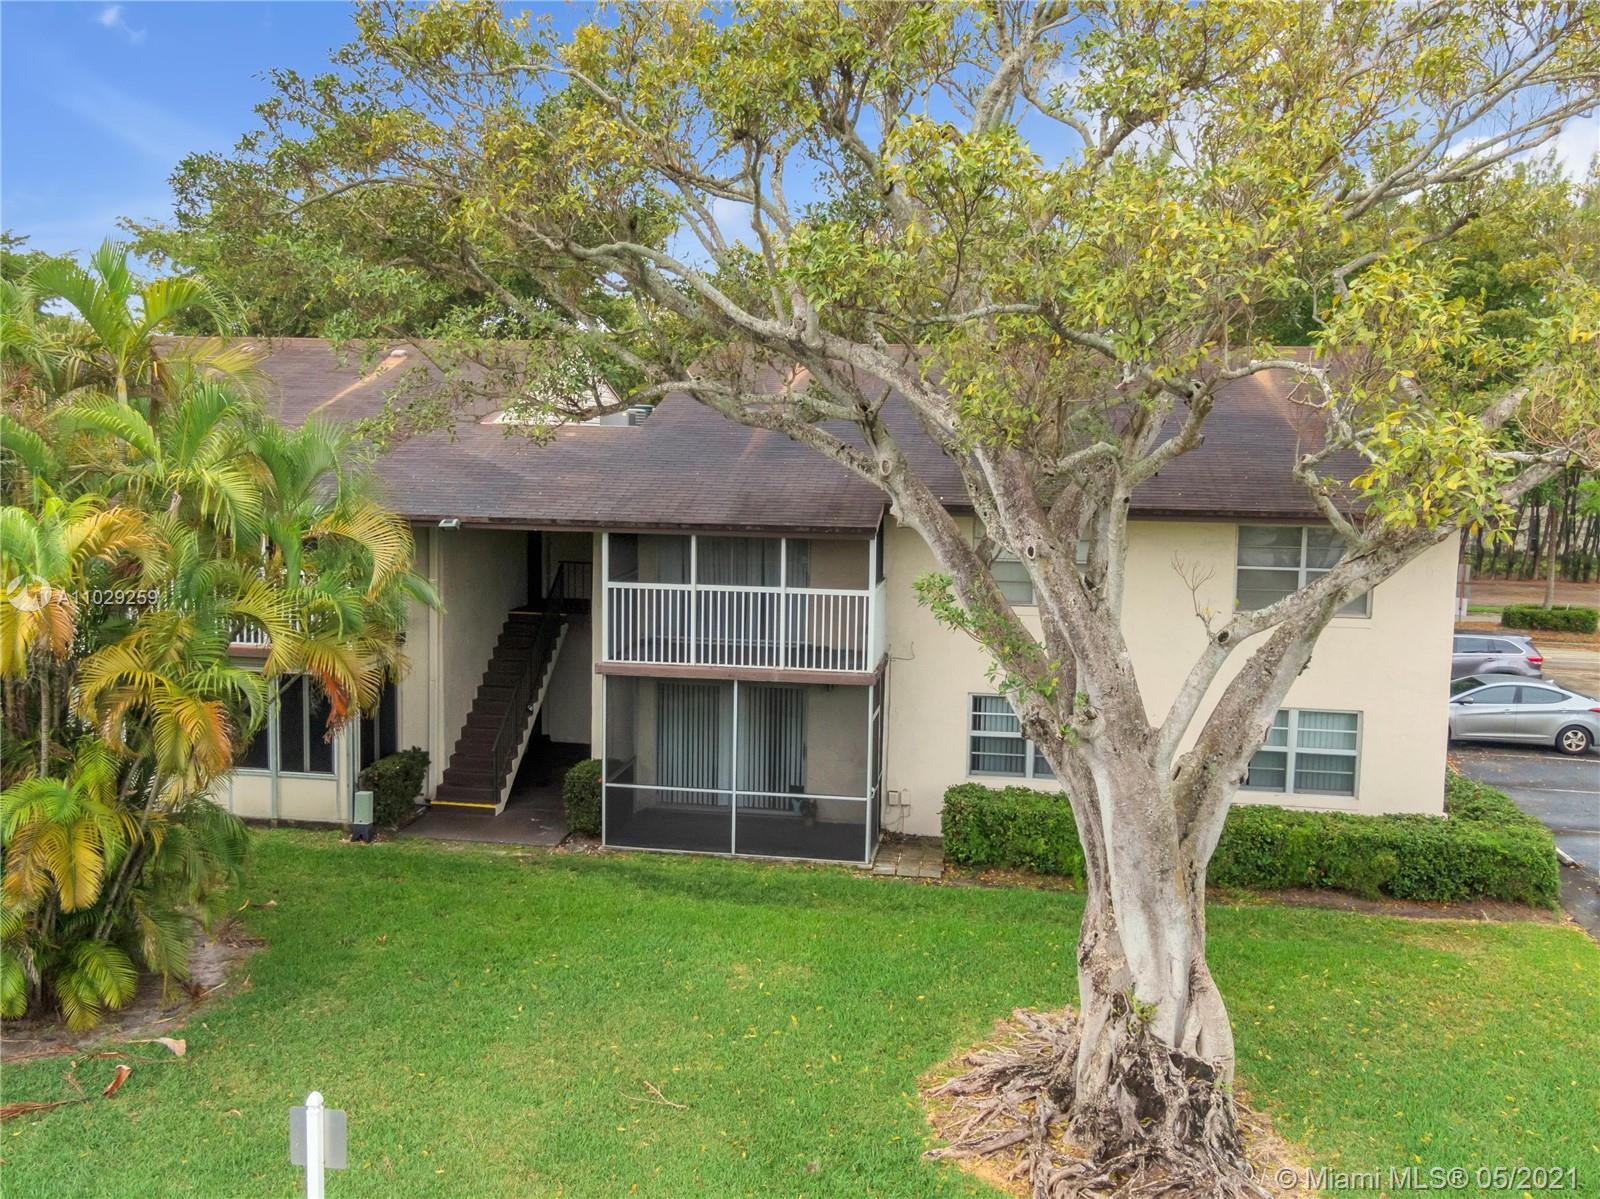 490 Laurel Dr Unit 4 A, Margate, Florida 33063